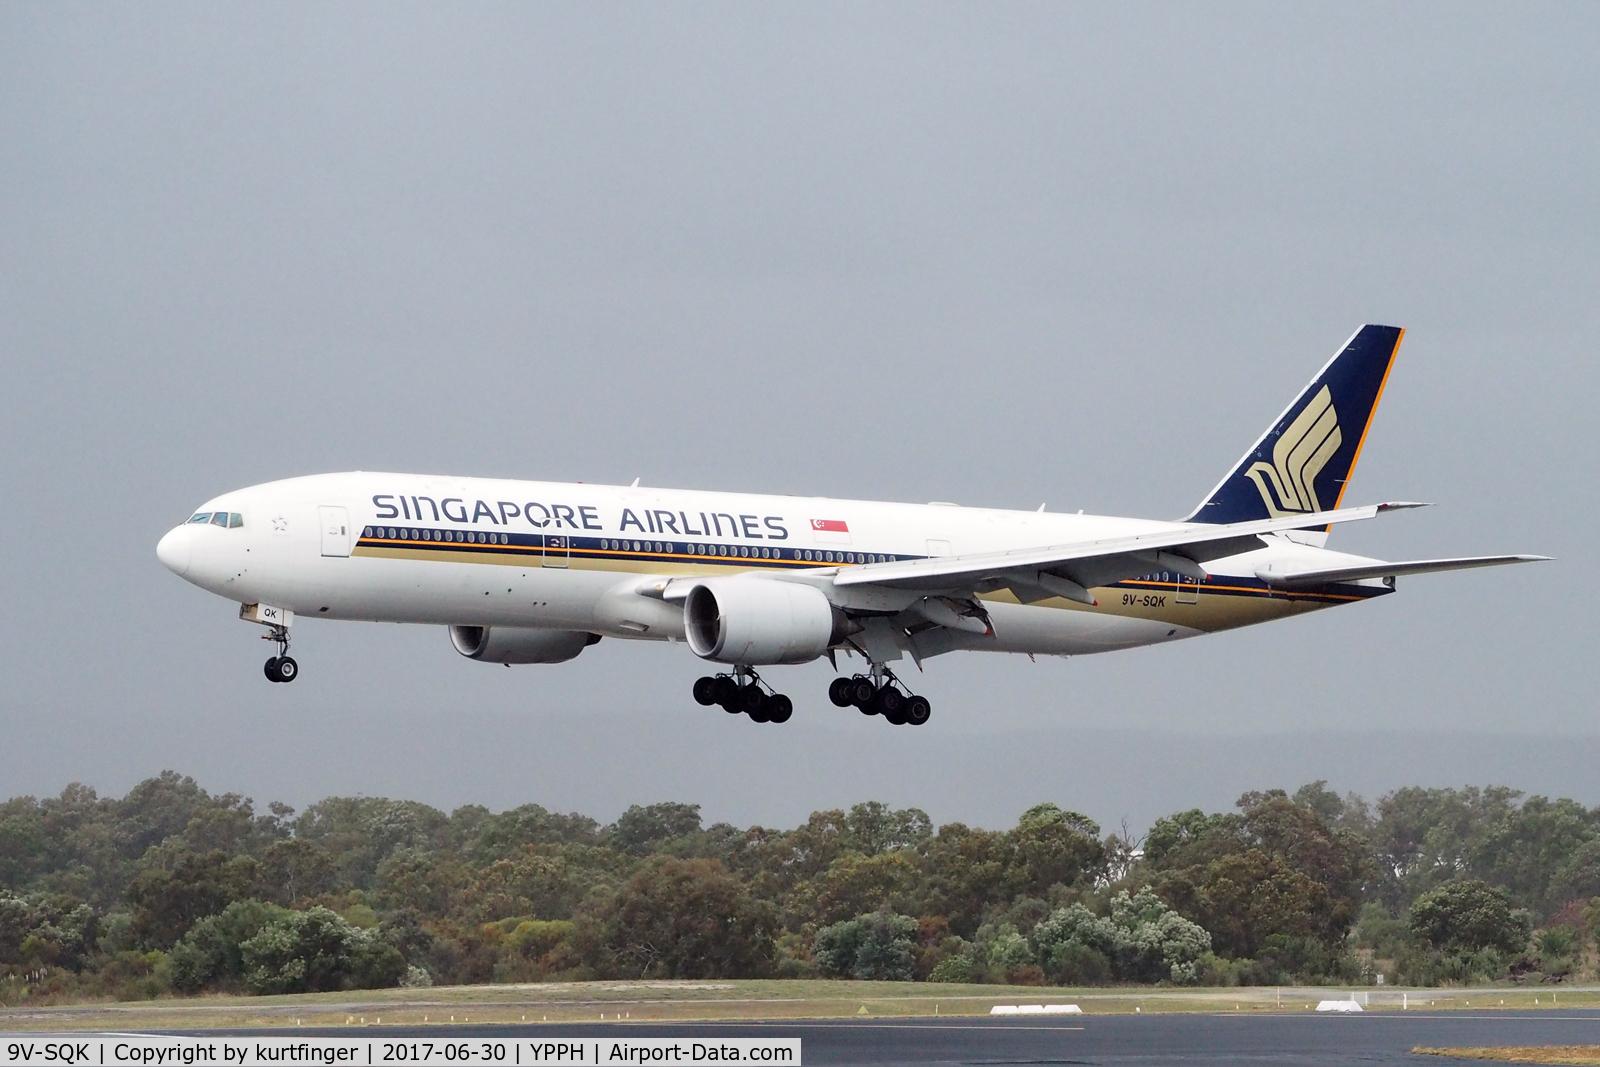 9V-SQK, 2003 Boeing 777-212/ER C/N 33368, Boeing 777-212(ER) Singapore Airlines 9V-SQK. Short final runway 03, YPPH 30/06/17.